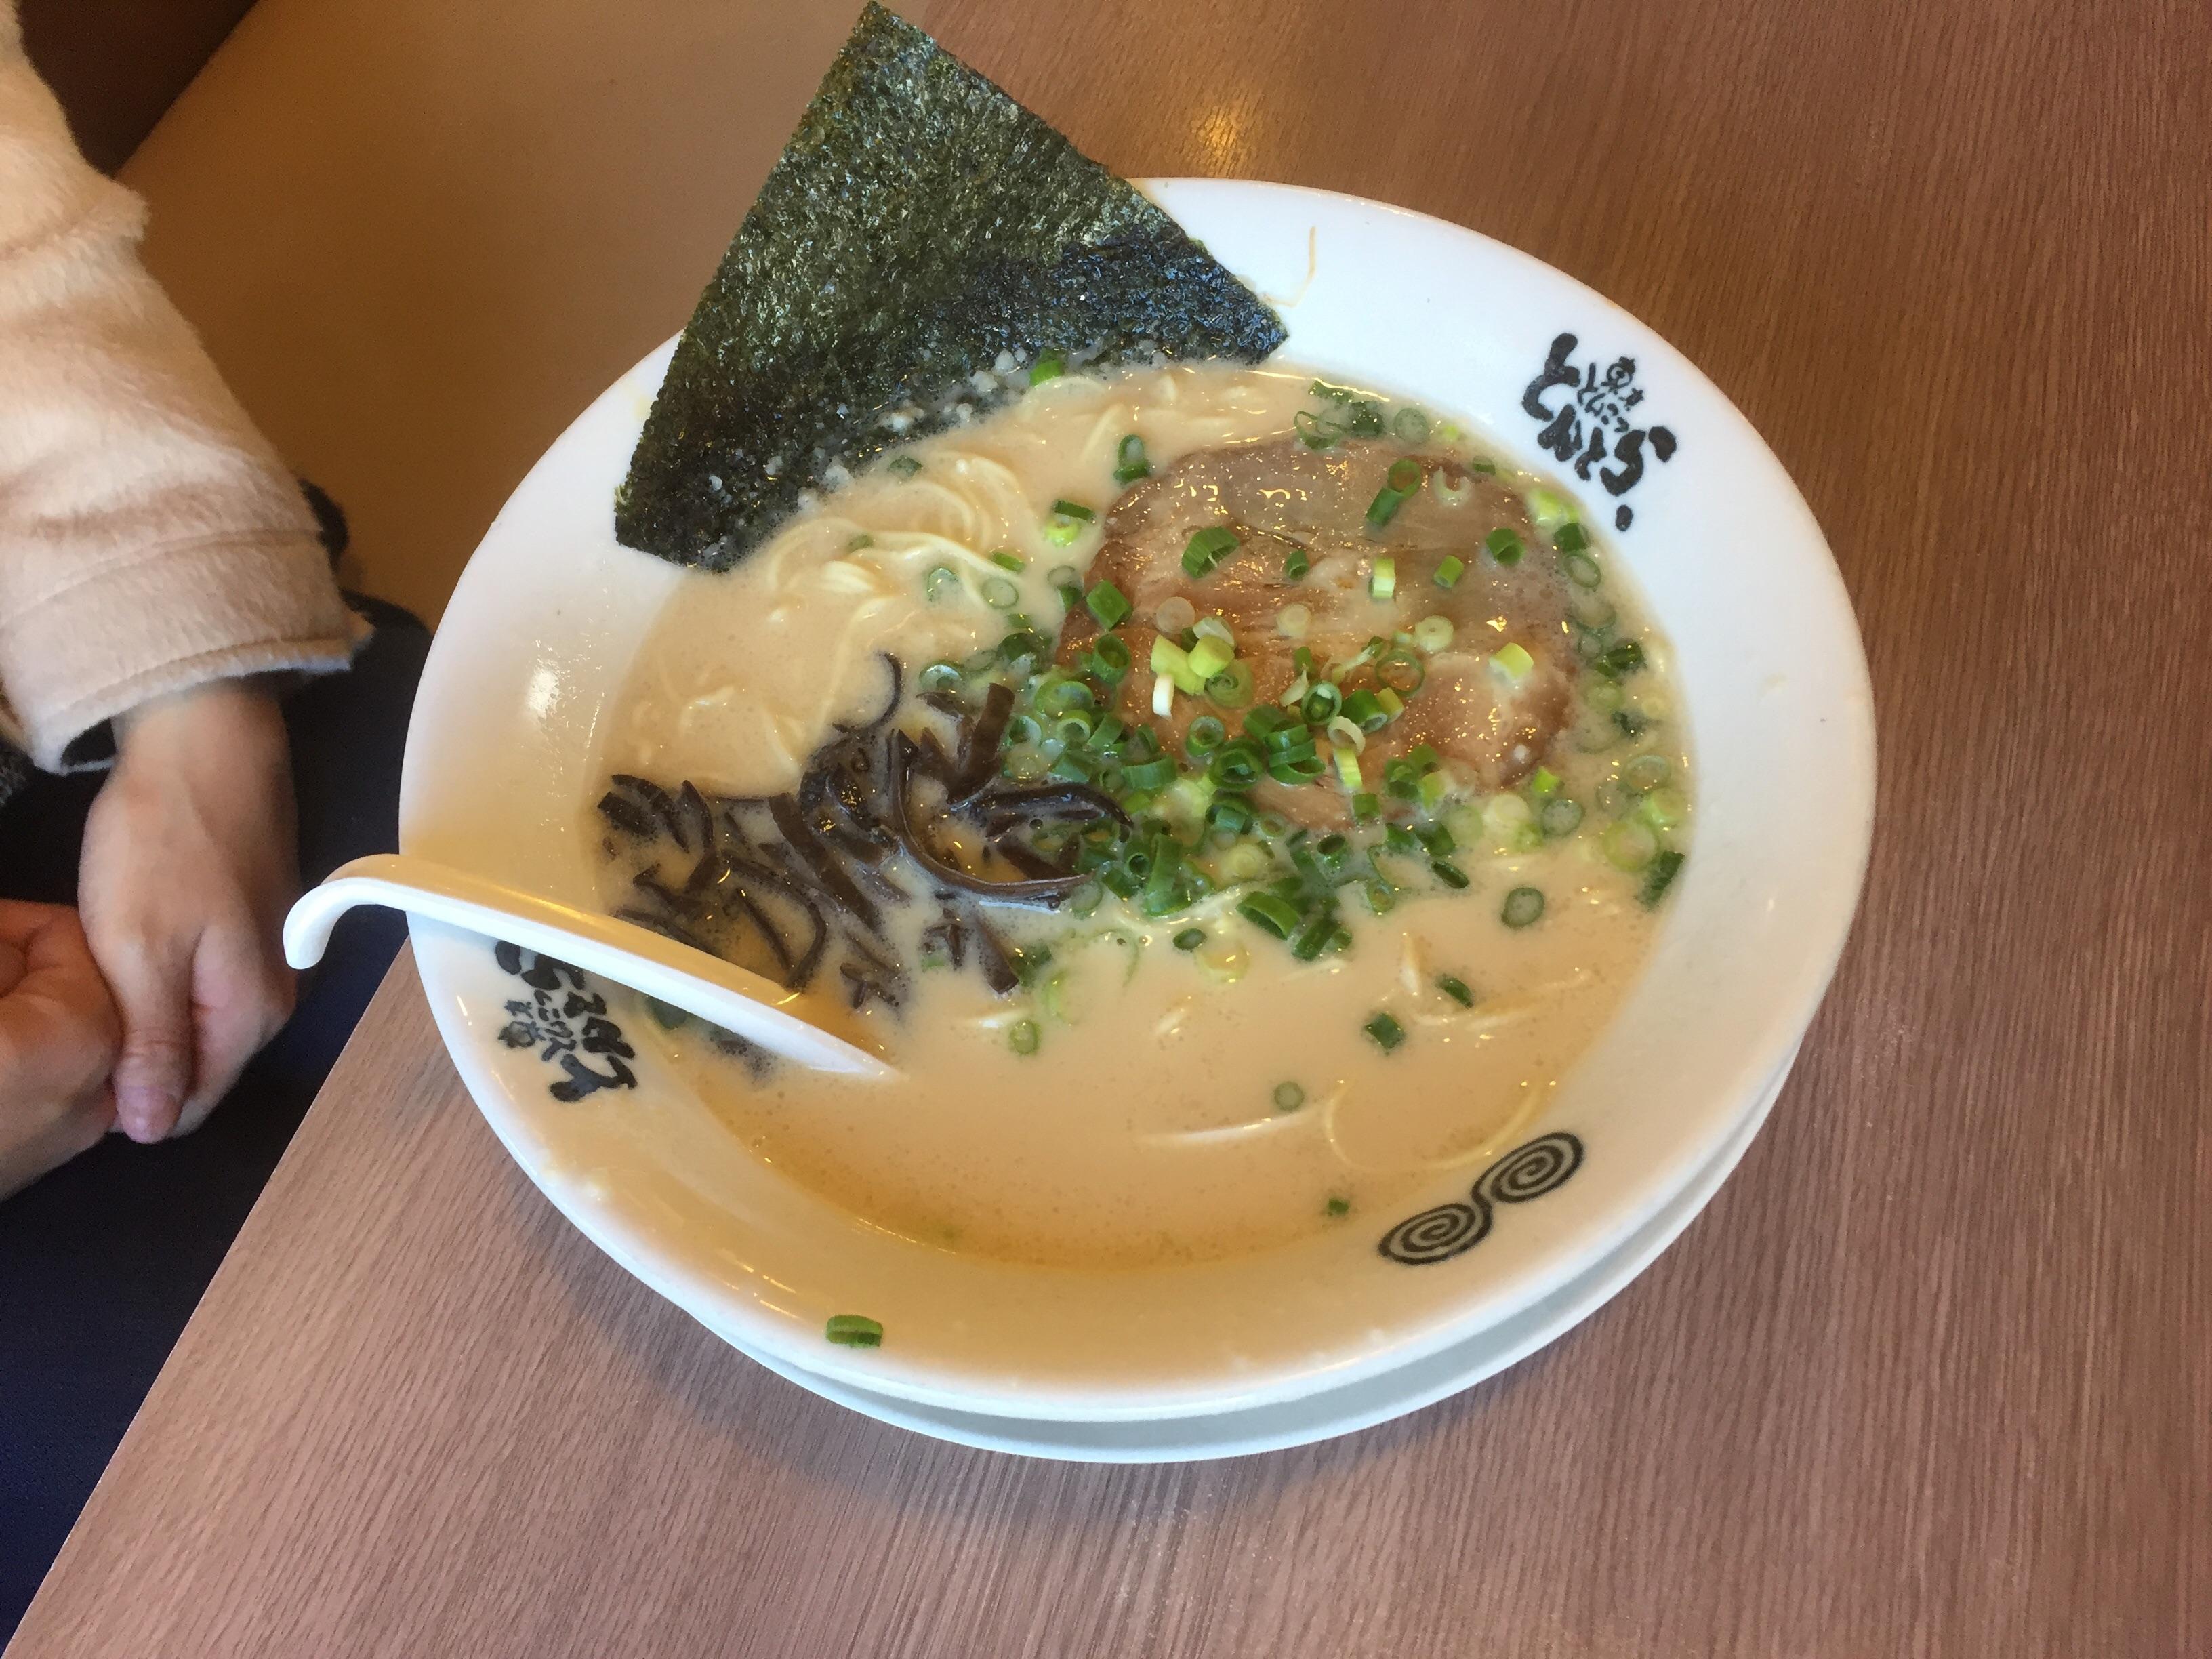 f:id:renren-wacyanosuke:20170211153030j:image